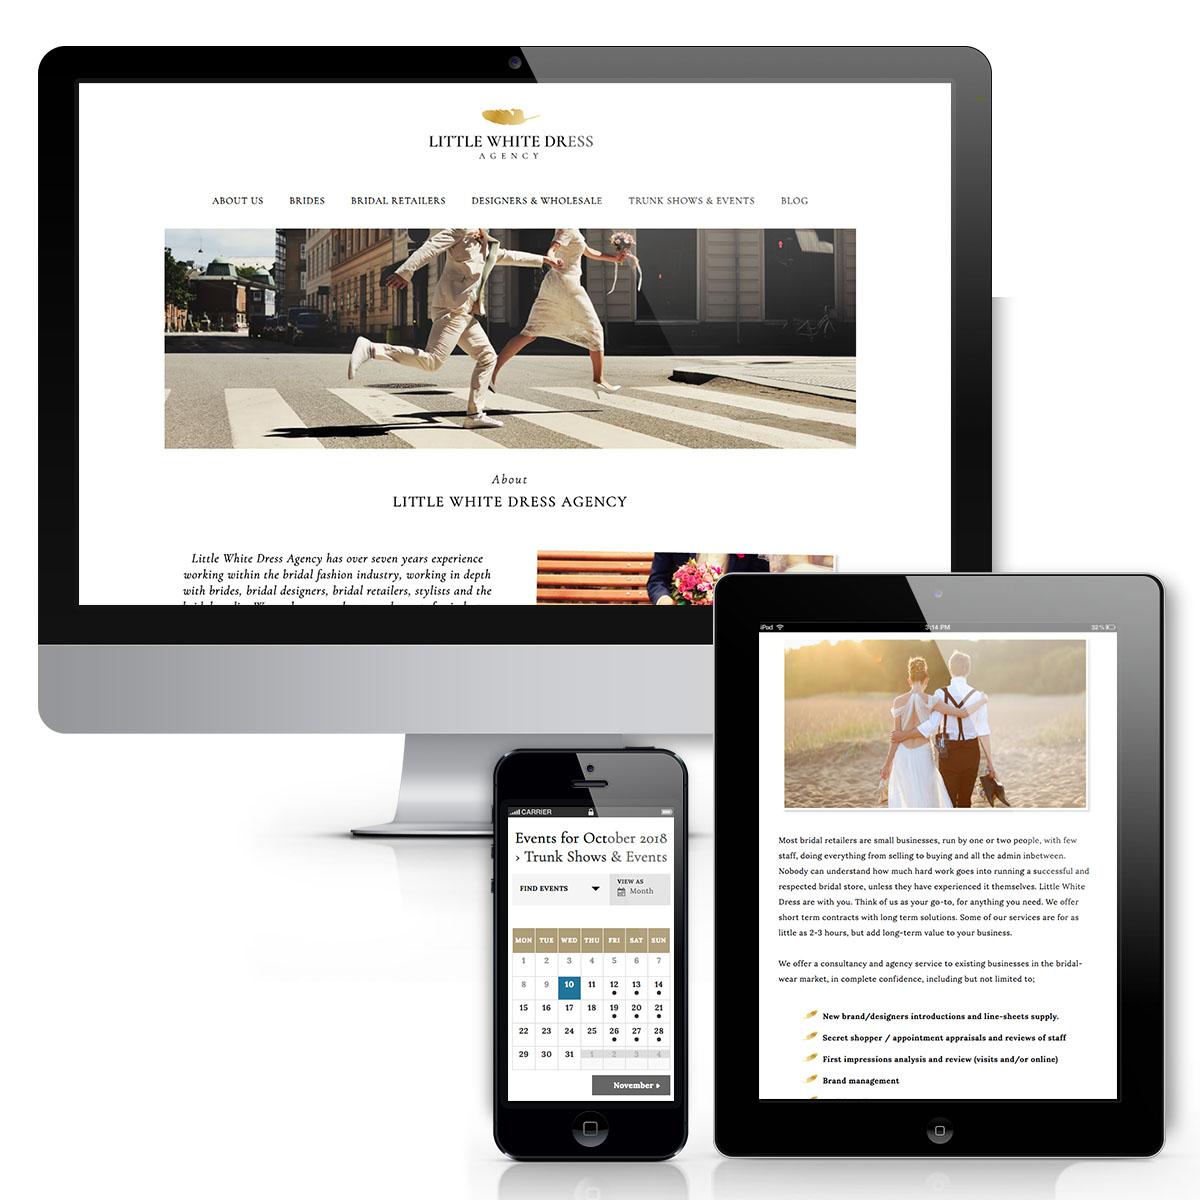 Little White Dress Agency Website design